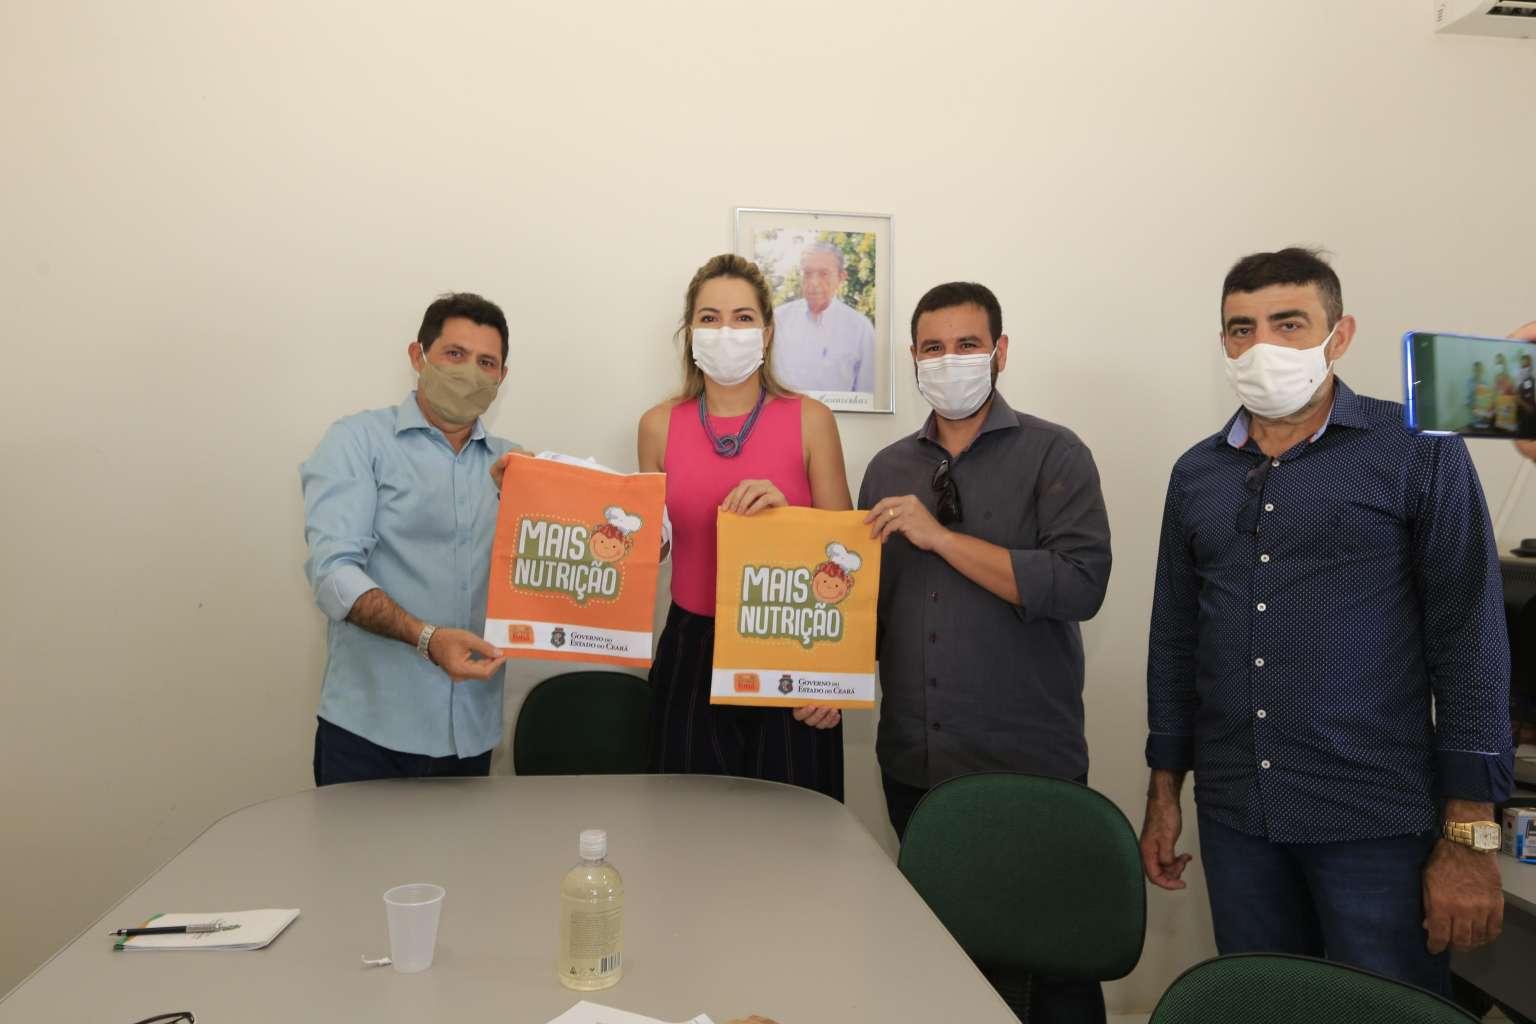 Fábrica do Mais Nutrição no Cariri deve iniciar operação em abril